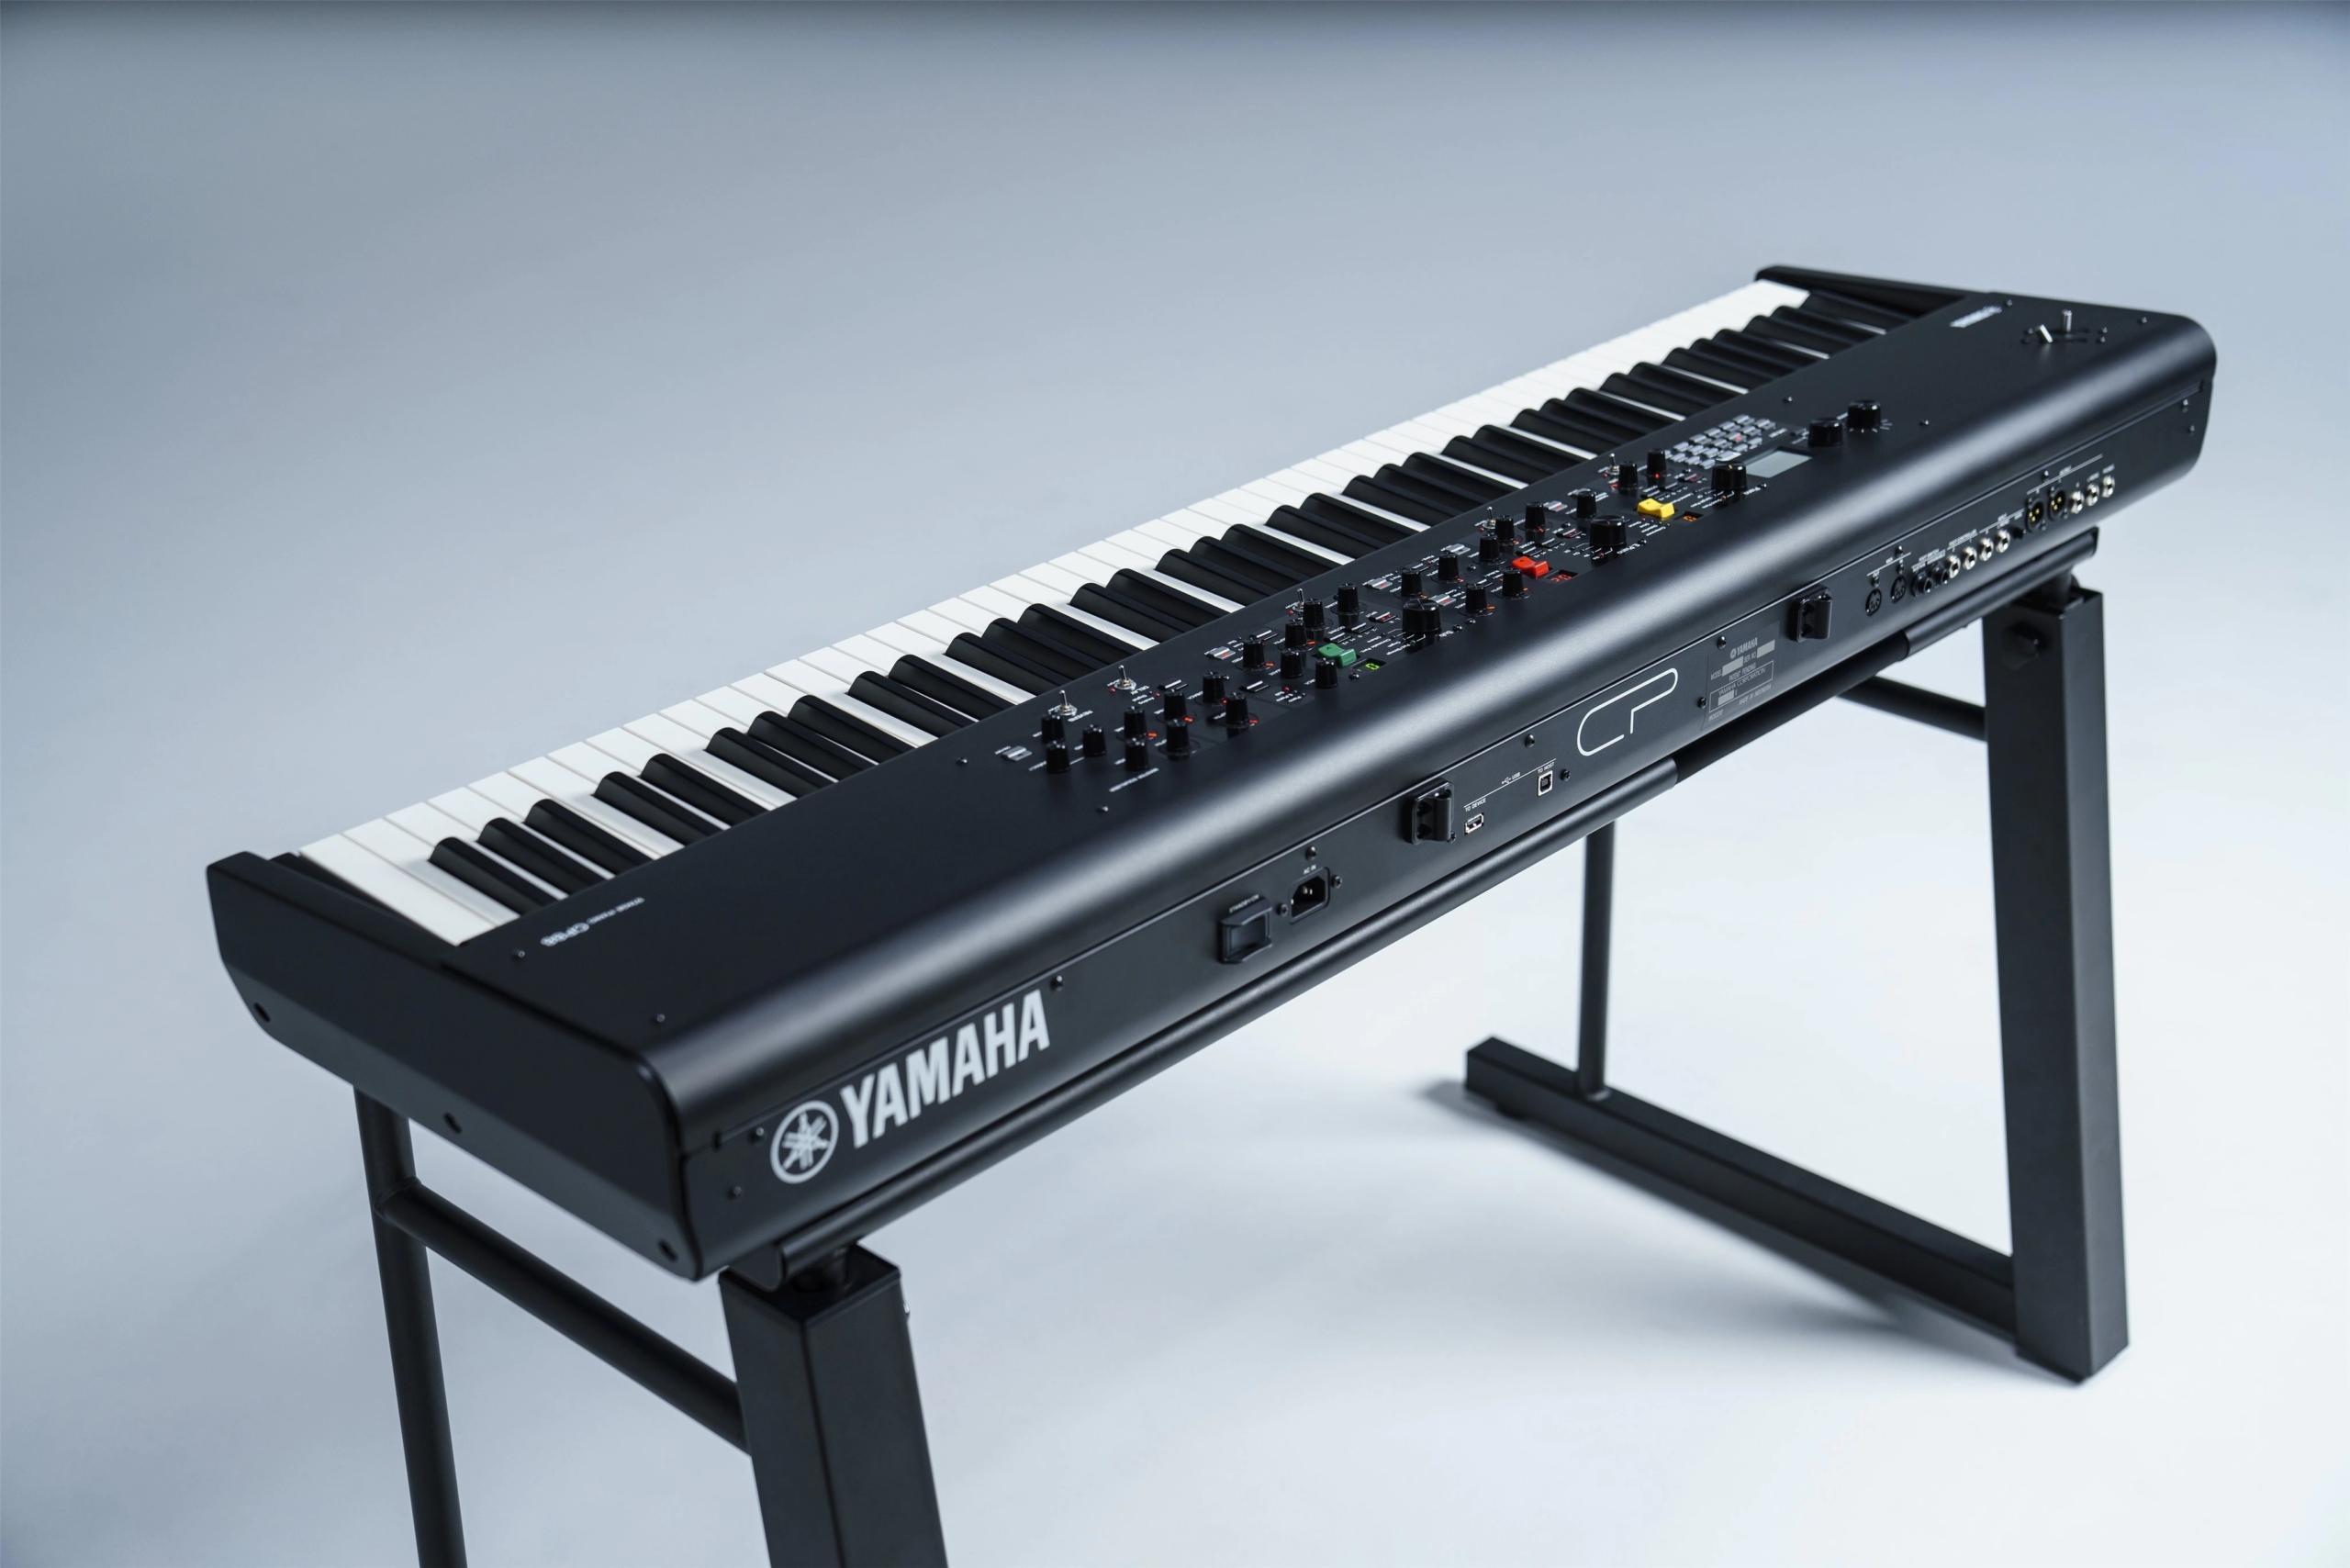 yamaha cp73 features